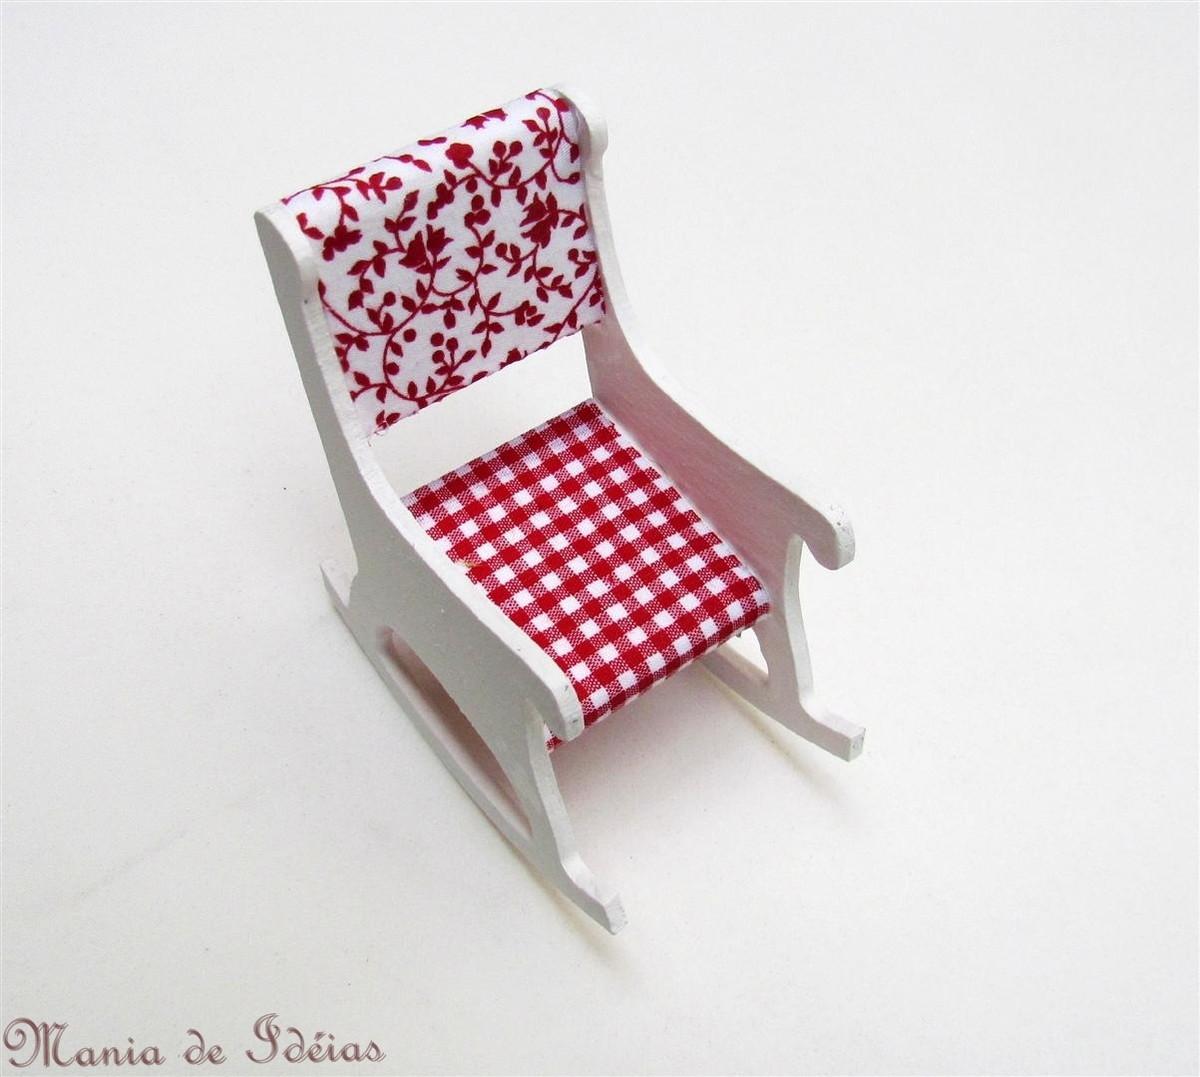 cadeira balanco forrada 2 sob encomenda cadeira balanco forrada 2 sob  #AC1F33 1200x1077